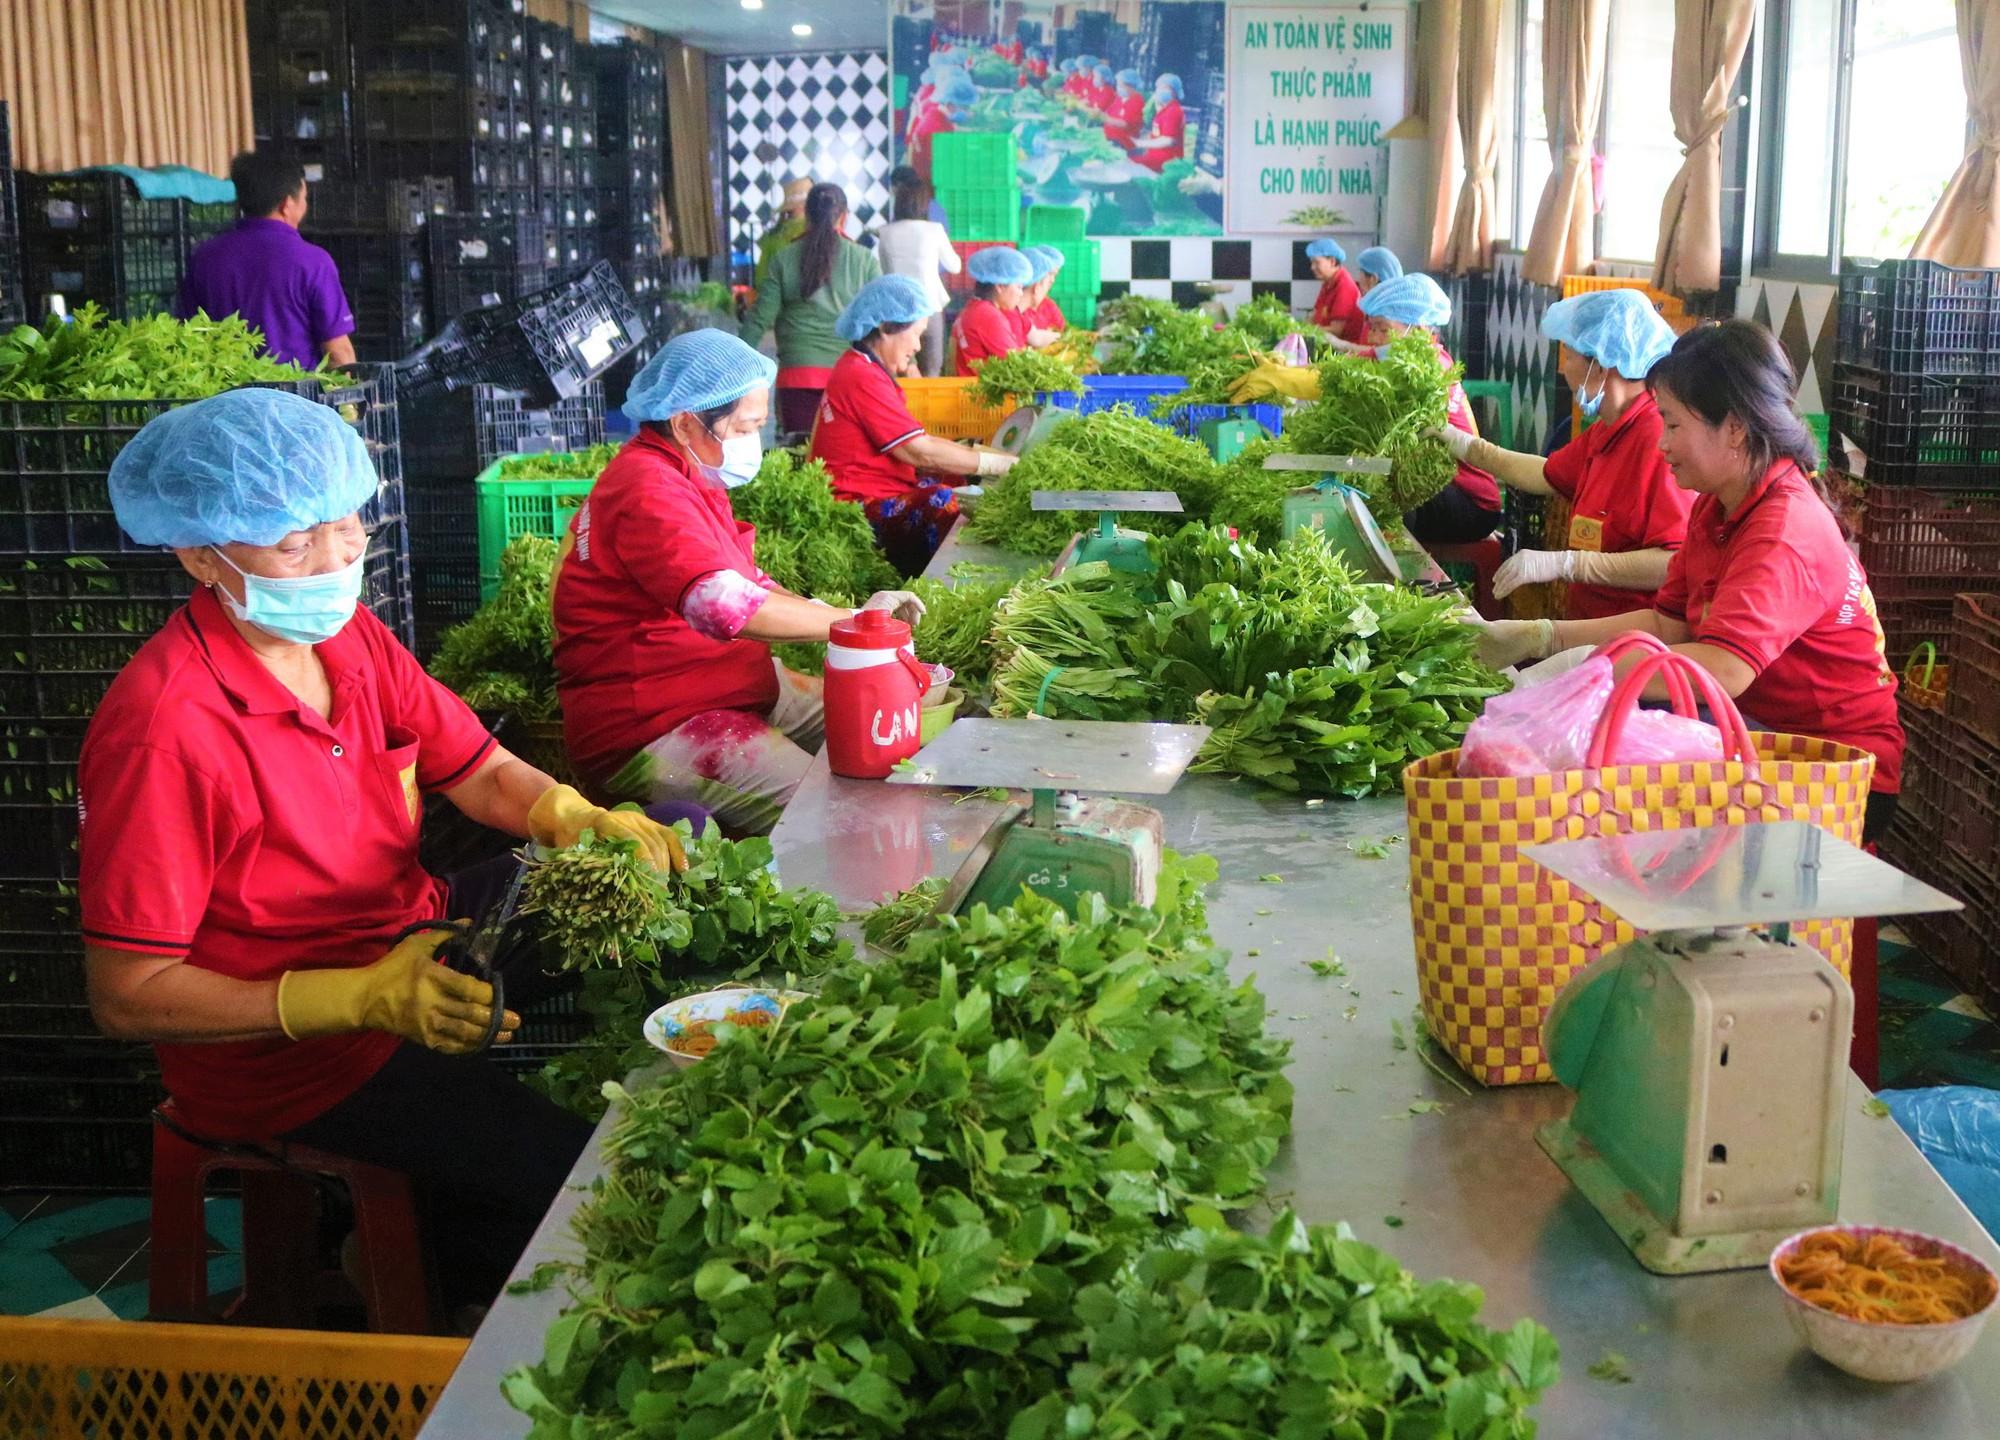 'Đột nhập' vùng trồng rau miền Tây tươi mướt như ở Đà Lạt cung cấp cho Bách Hóa Xanh - Ảnh 5.